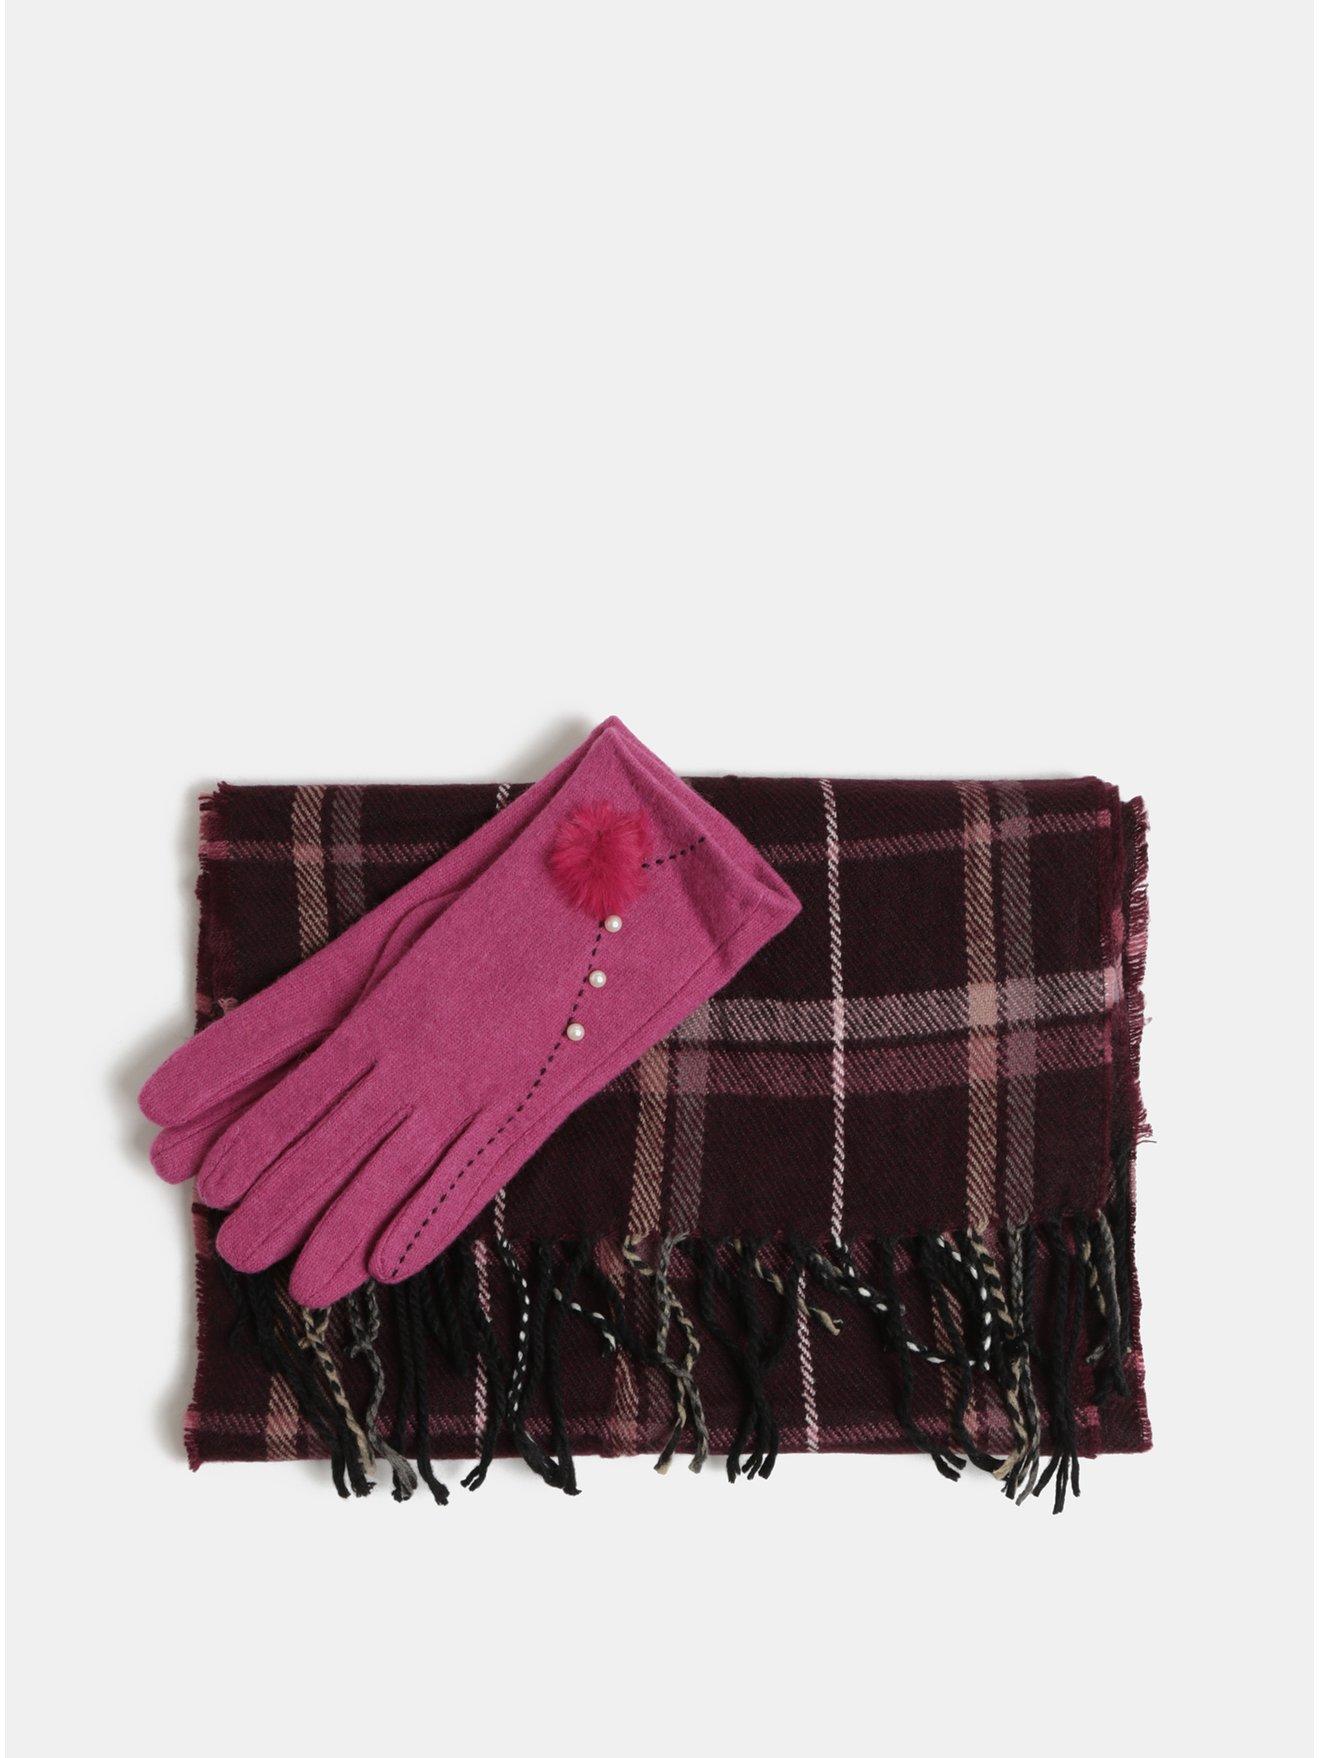 Sada šály a vlněných rukavic v růžové a fialové barvě v dárkovém balení  Something Special 95a51f5c73